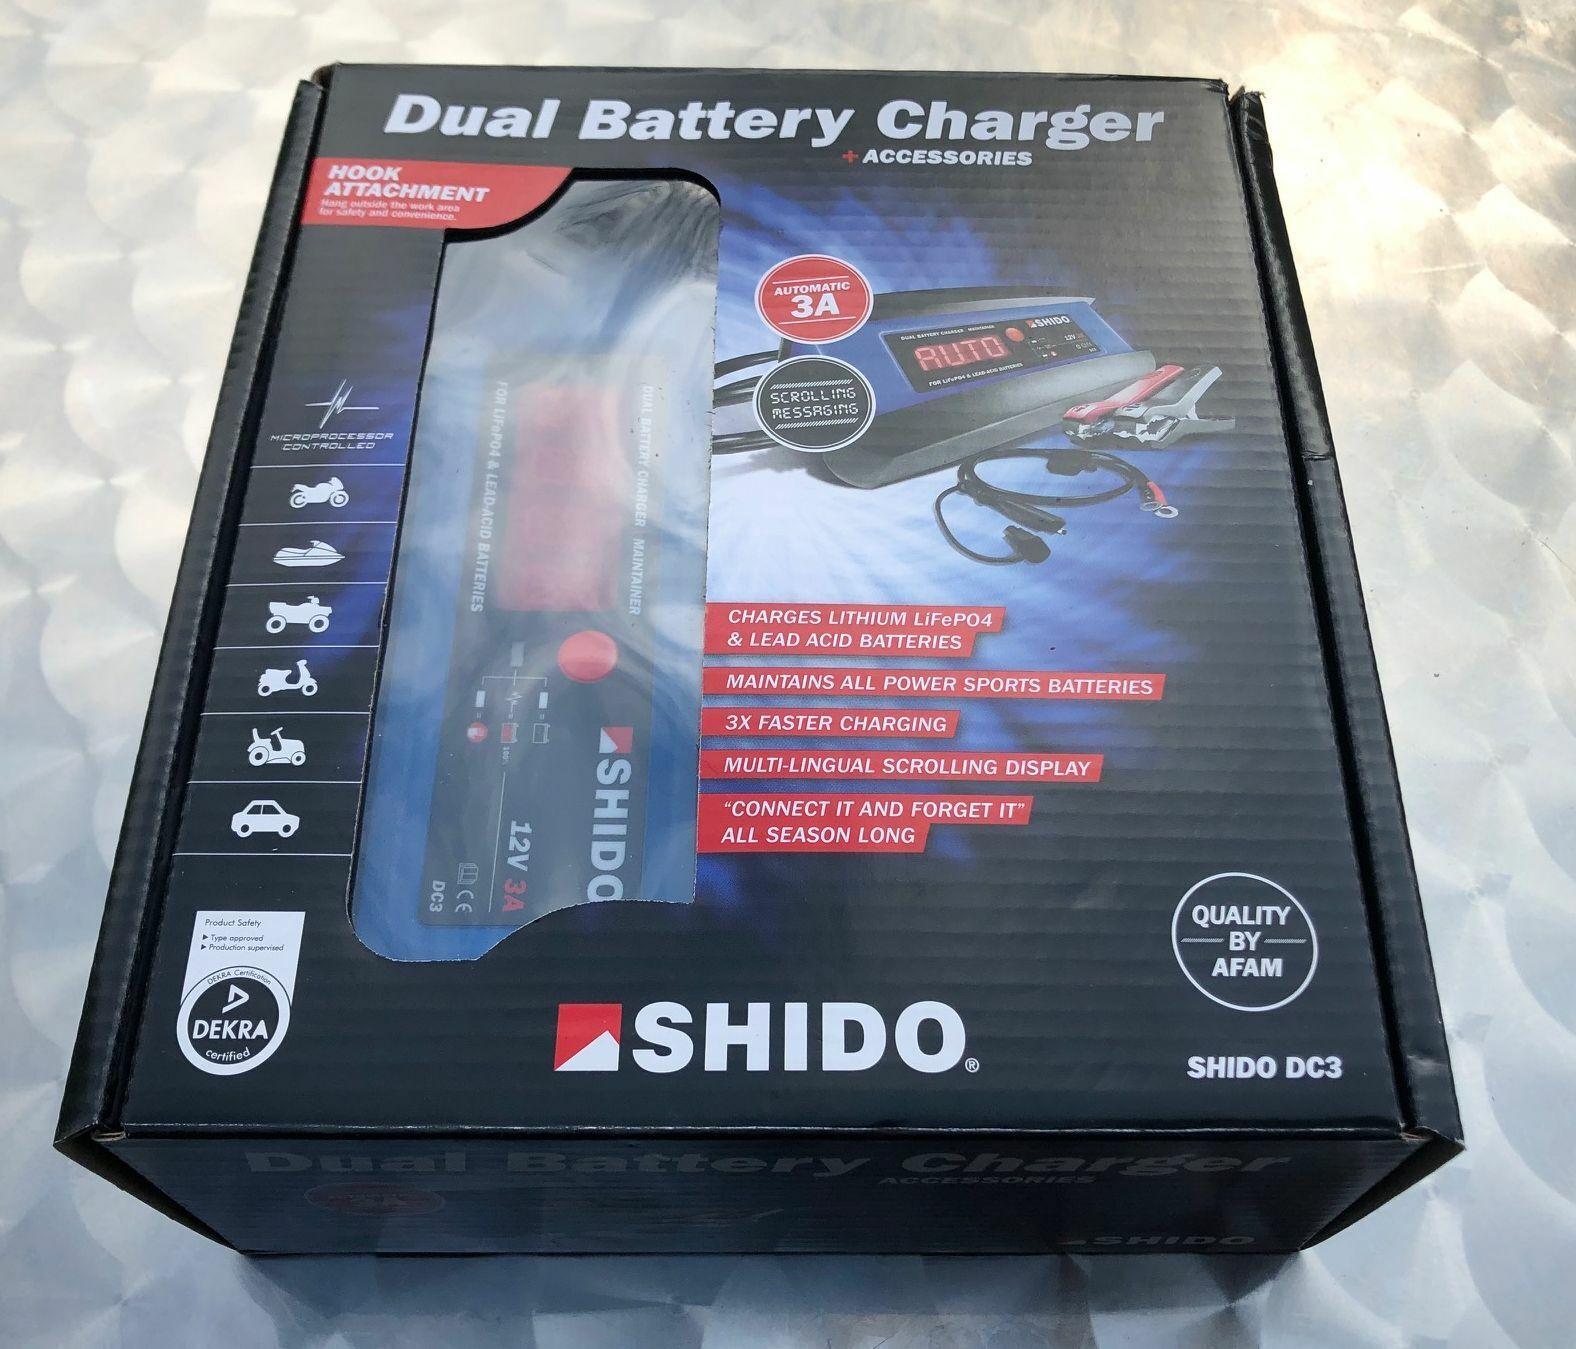 Shido DC3 Dual Batterie Ladegerät 12V 3 A, Blei Säure, AGM